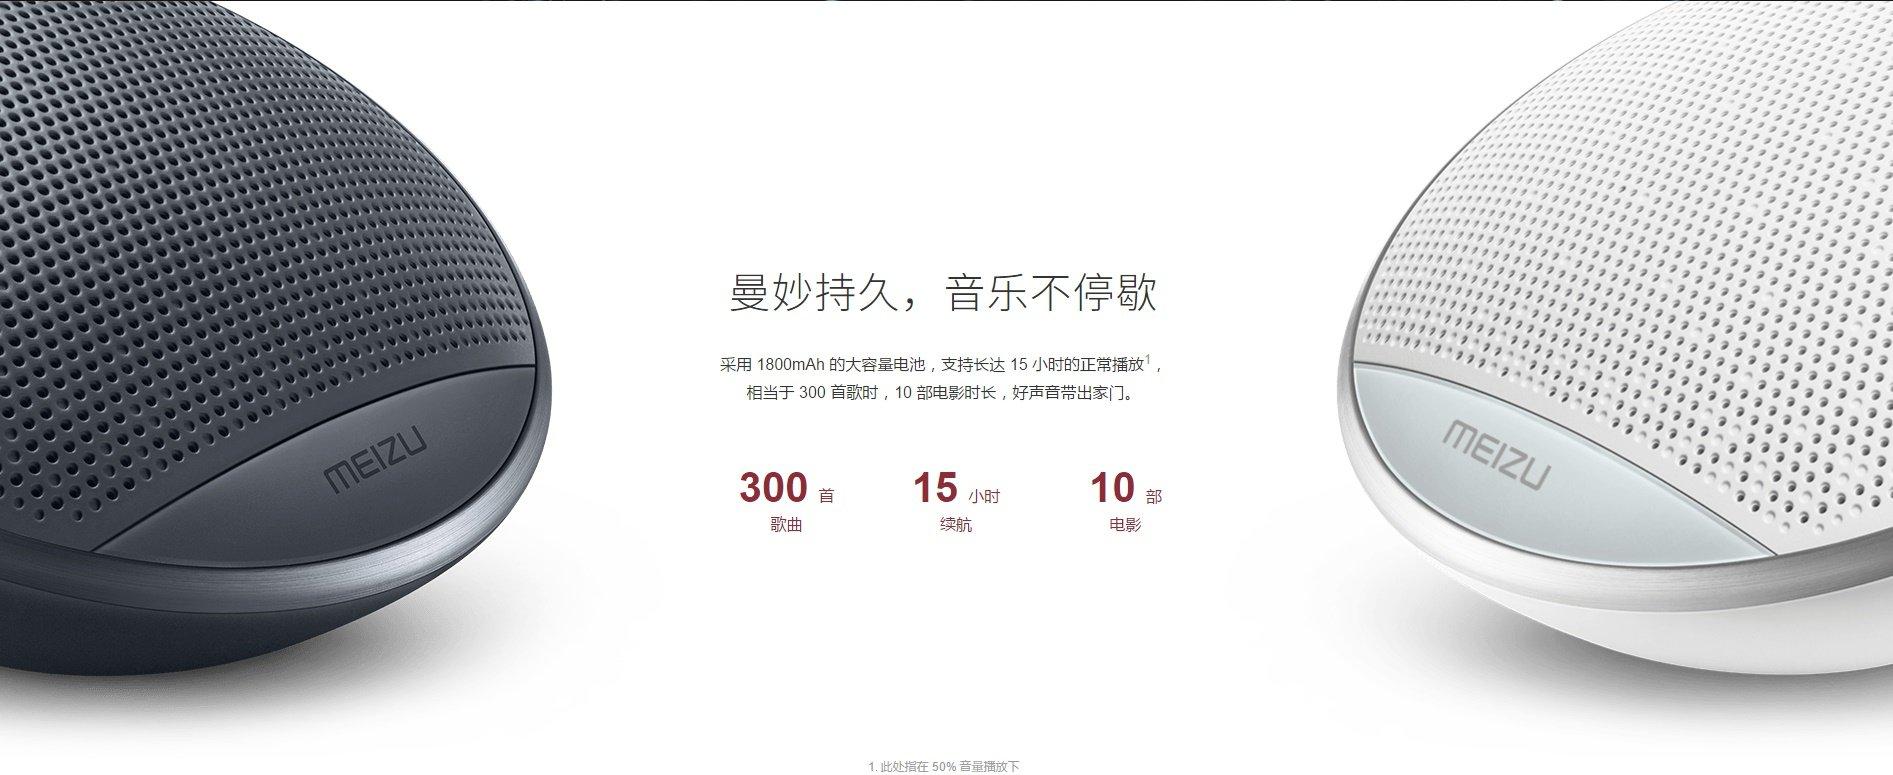 Altavoz Bluetooth aluminio Meizu